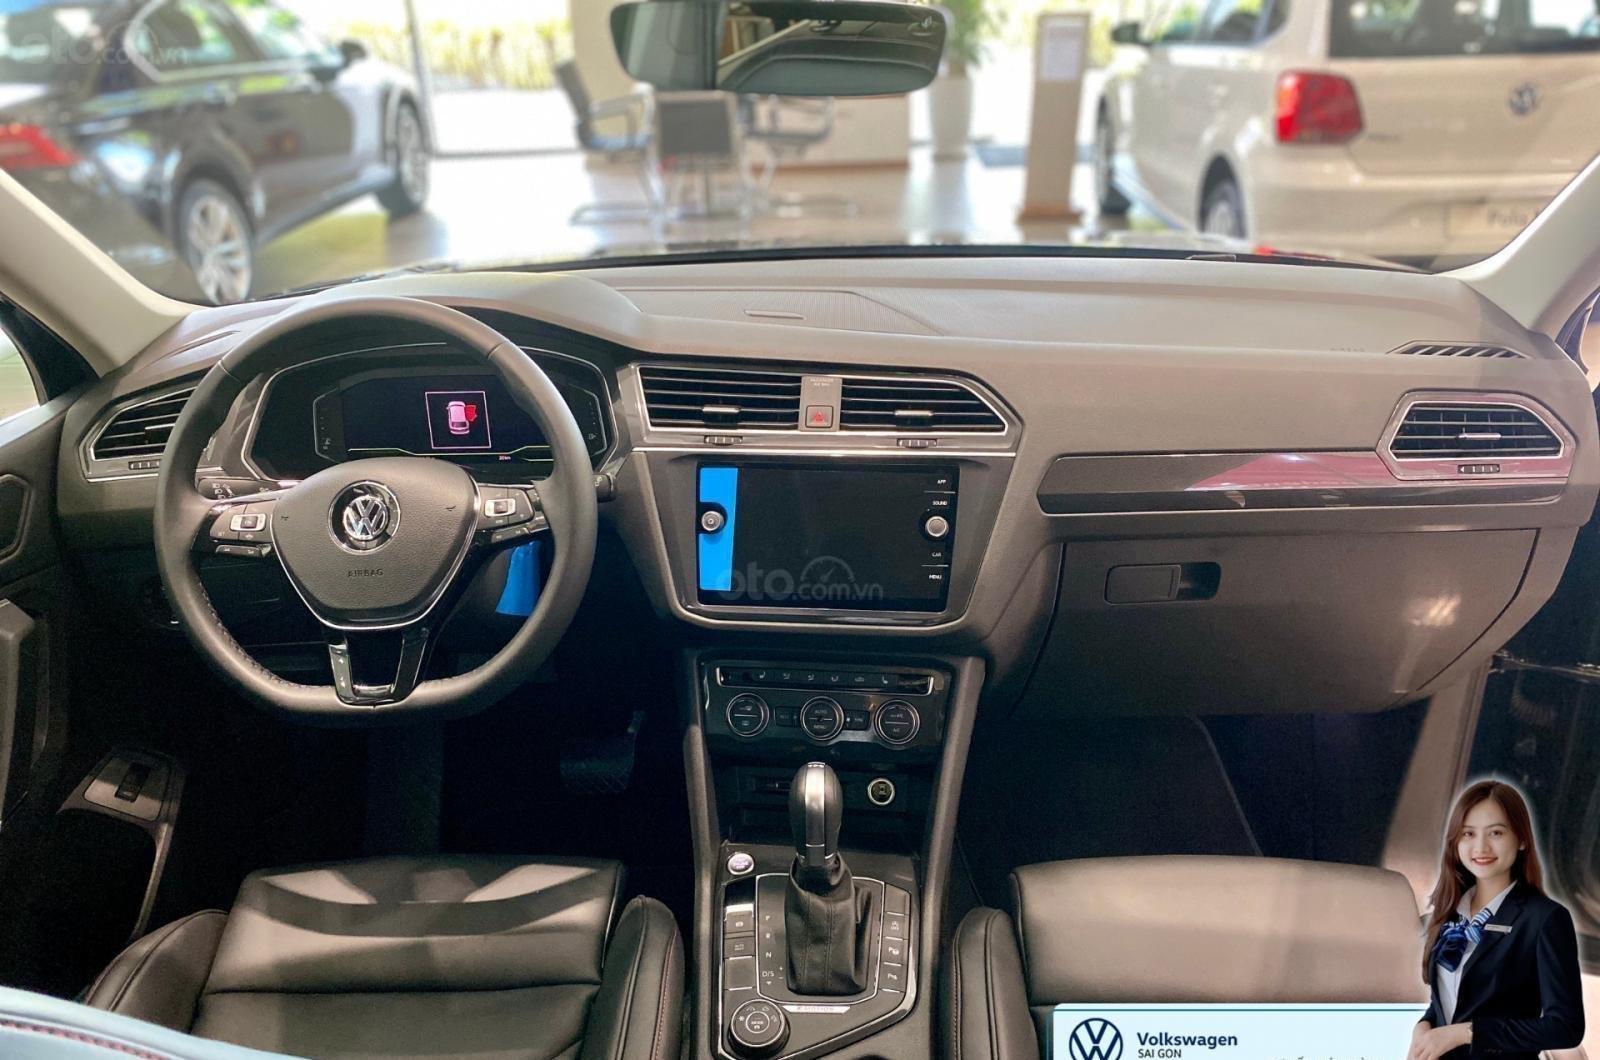 Volkswagen Tiguan Luxury màu xanh rêu số lượng ít - Xe Đức nhập khẩu nguyên chiếc - Giảm ngay 120 triệu (5)